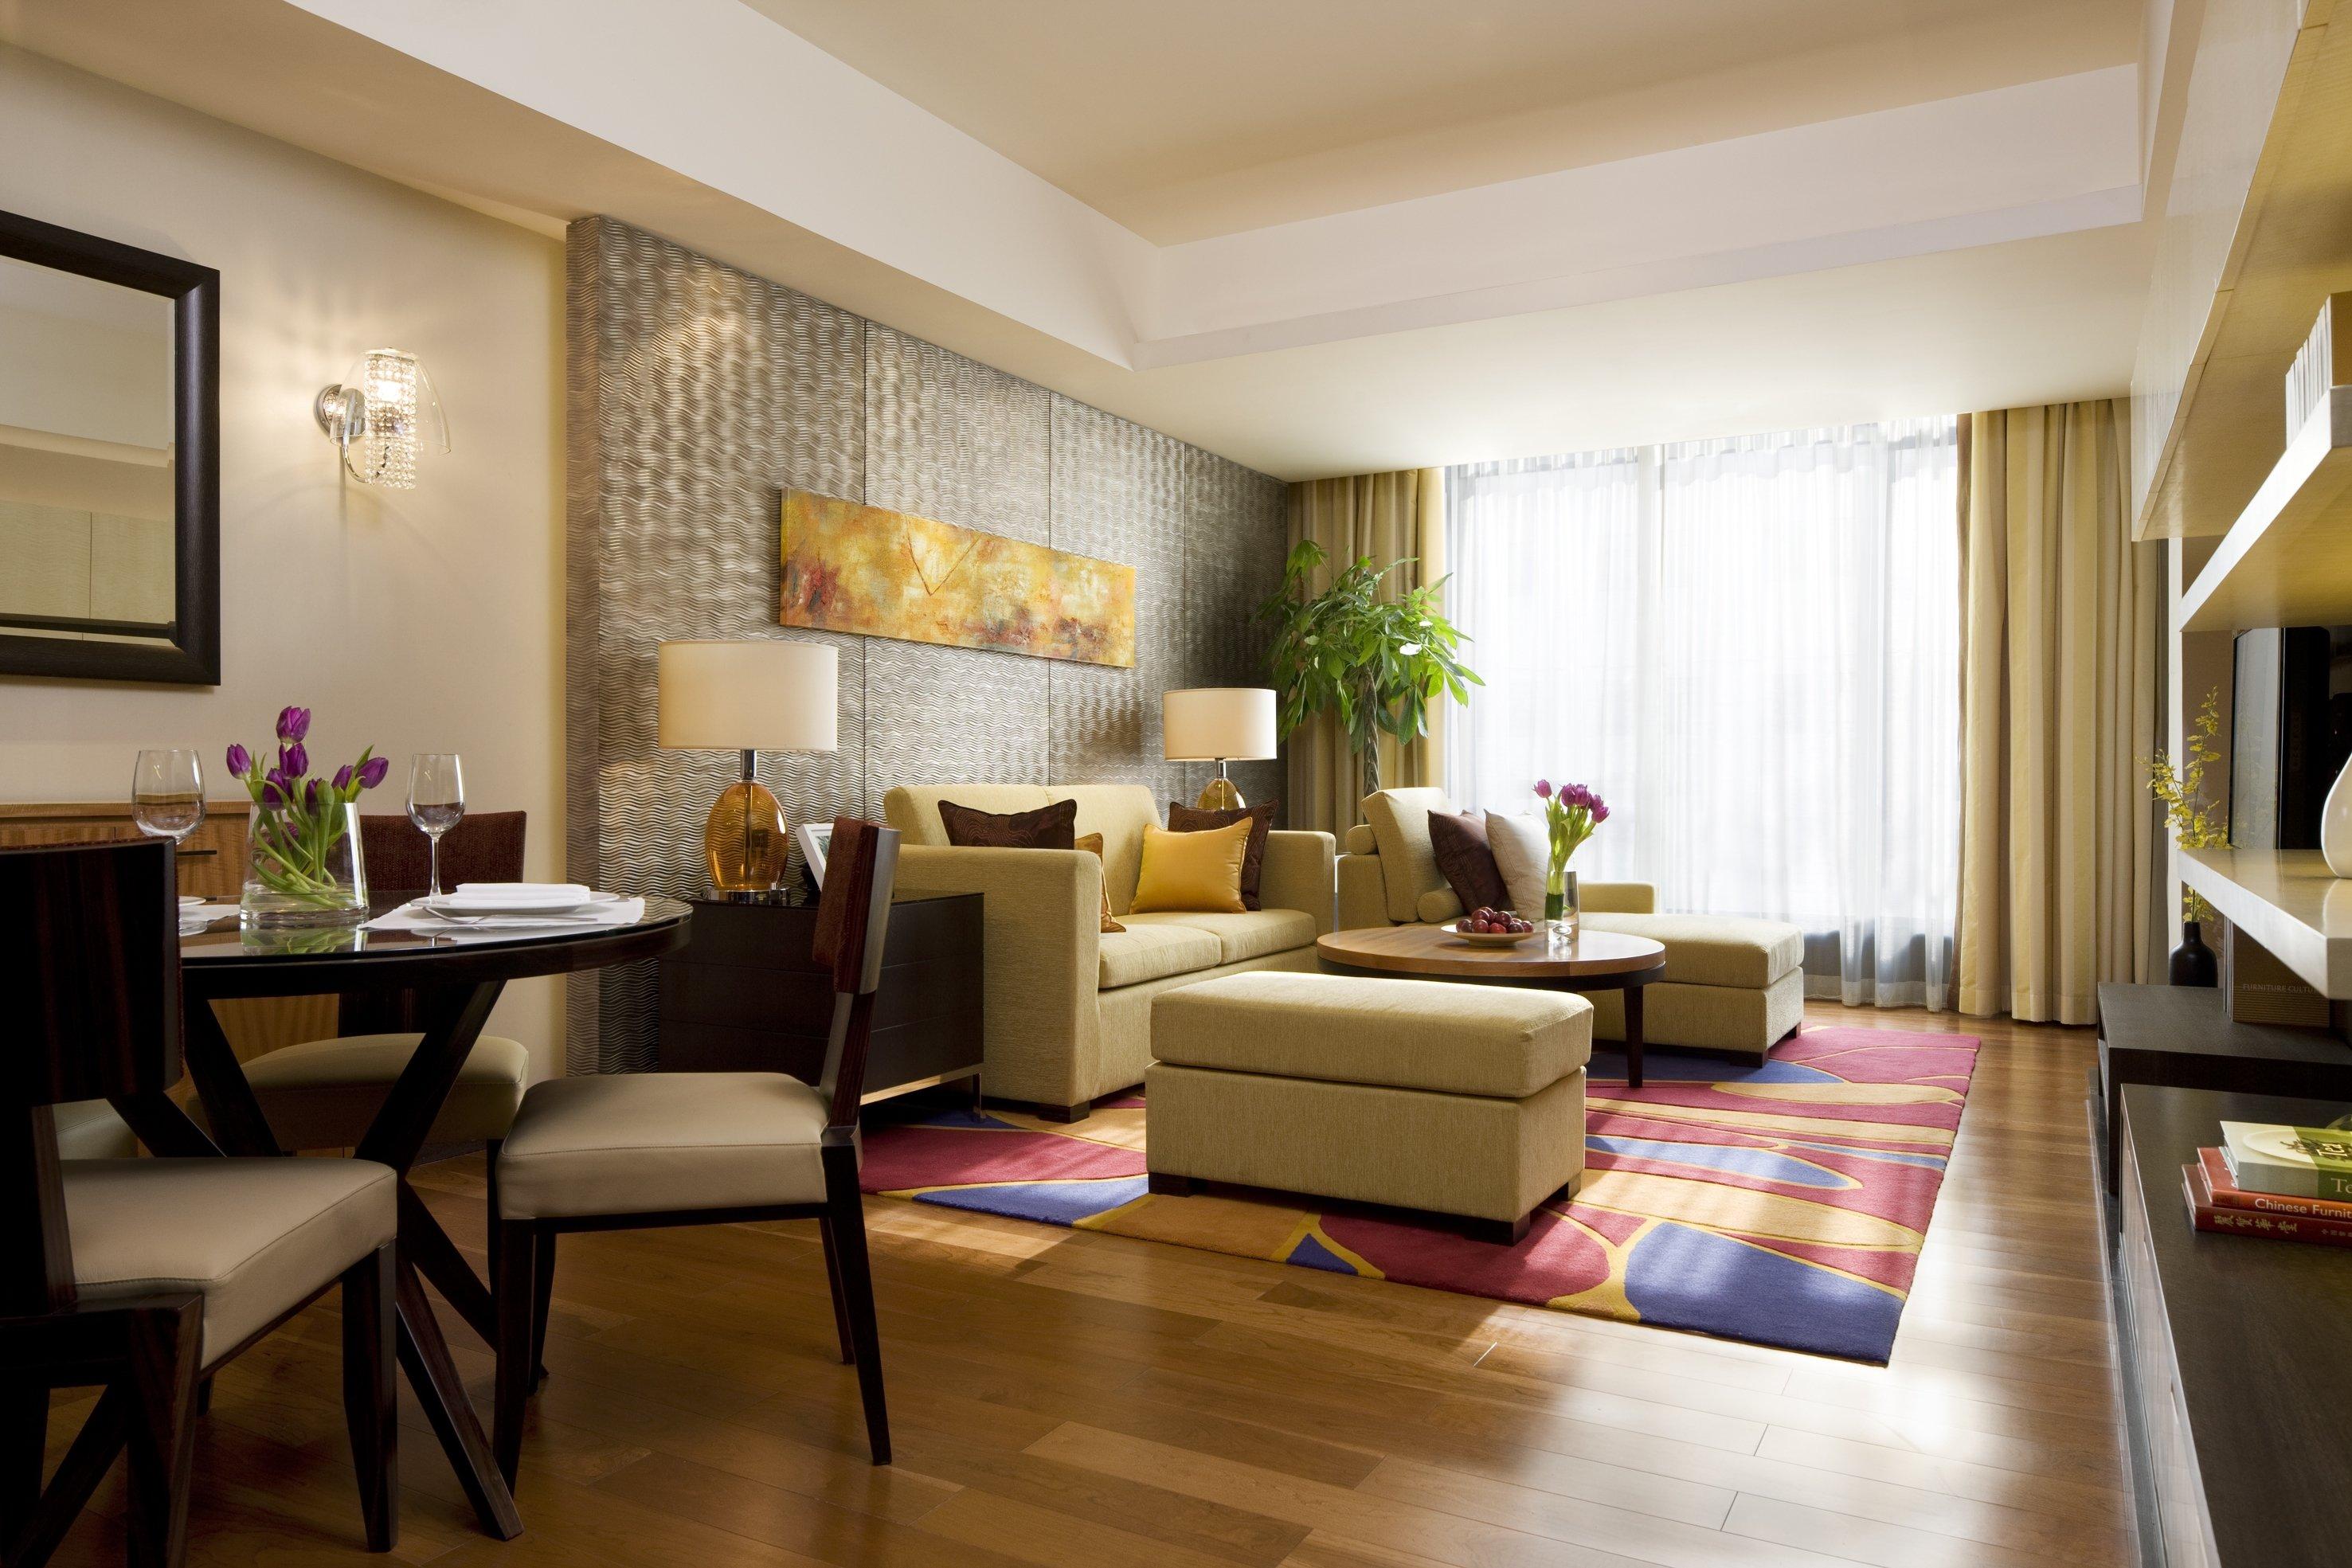 Interior Design Room House Home Apartment Condo  Wallpaper - Bangladesh home design